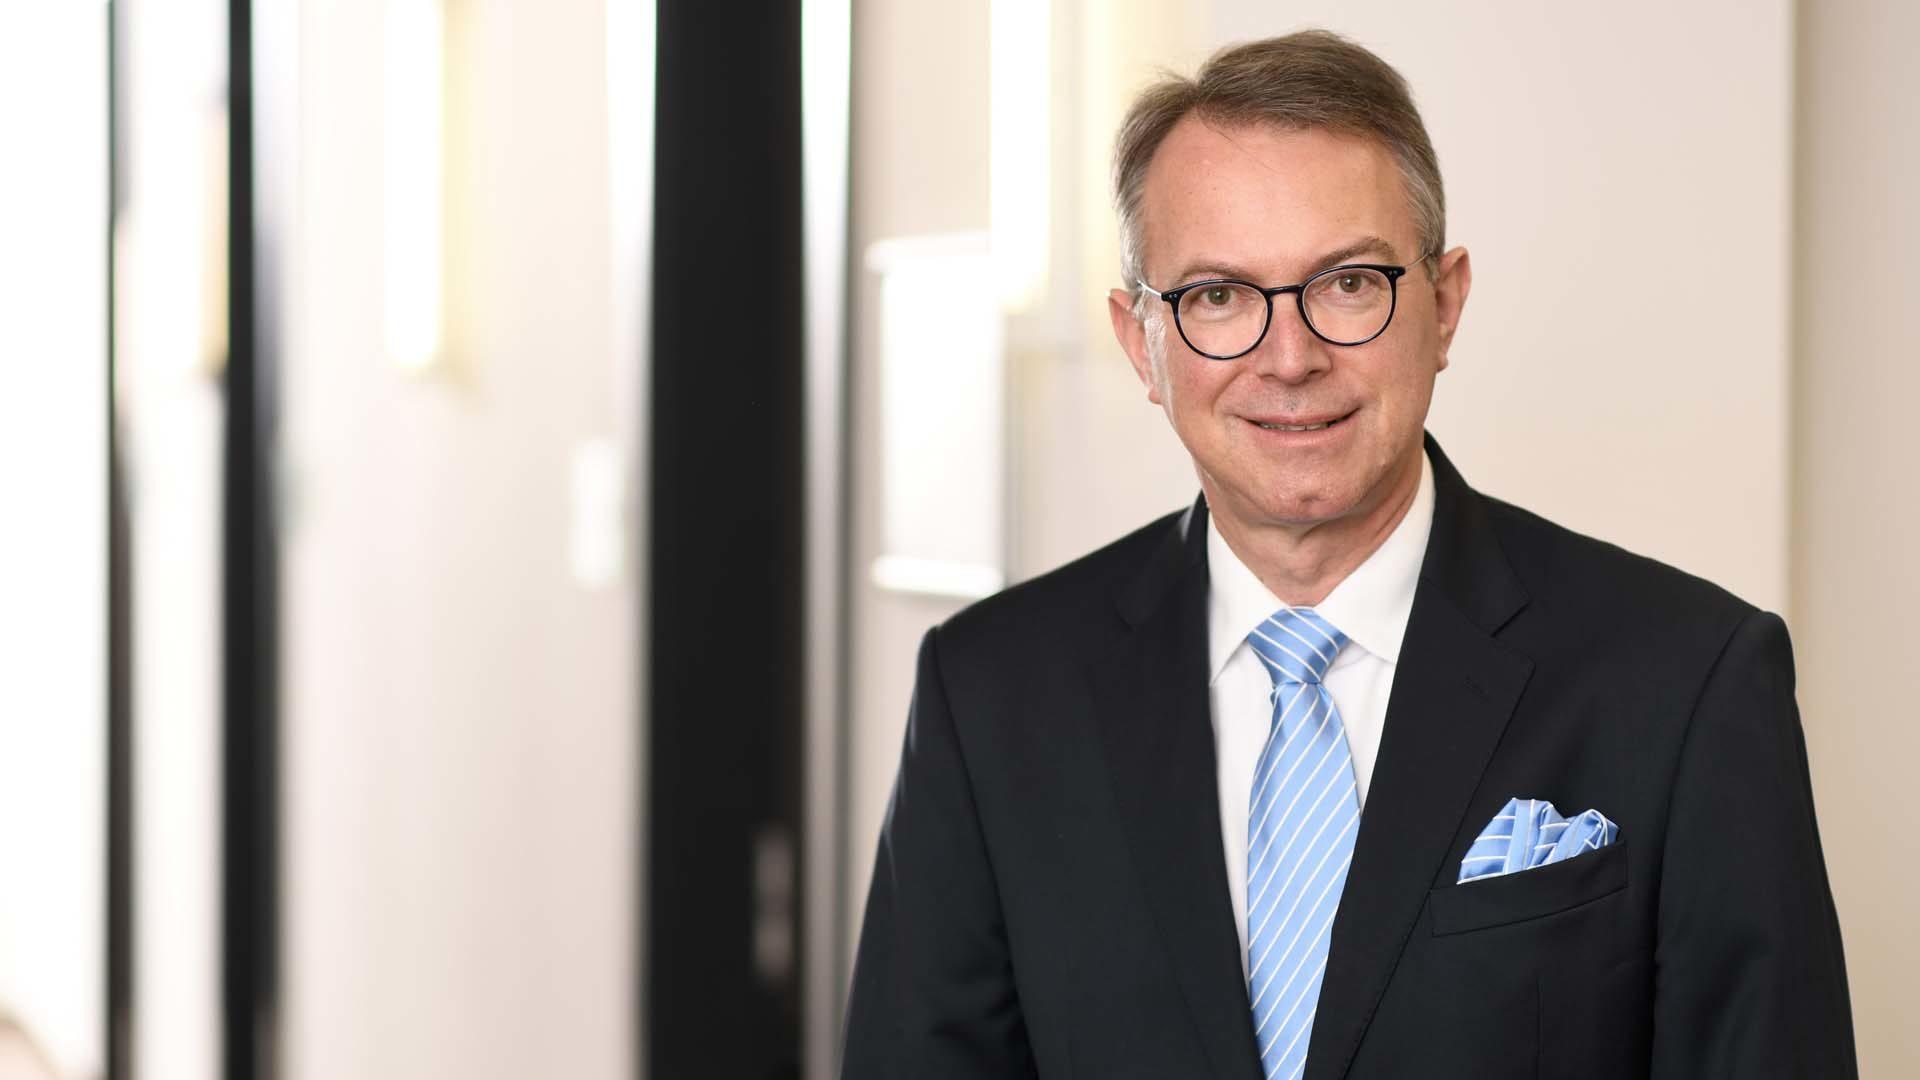 Porträt Dr. Beckmann im Flur RGT M&A, Unternehmensbewertung, Due Diligence, Vertragsgestaltung